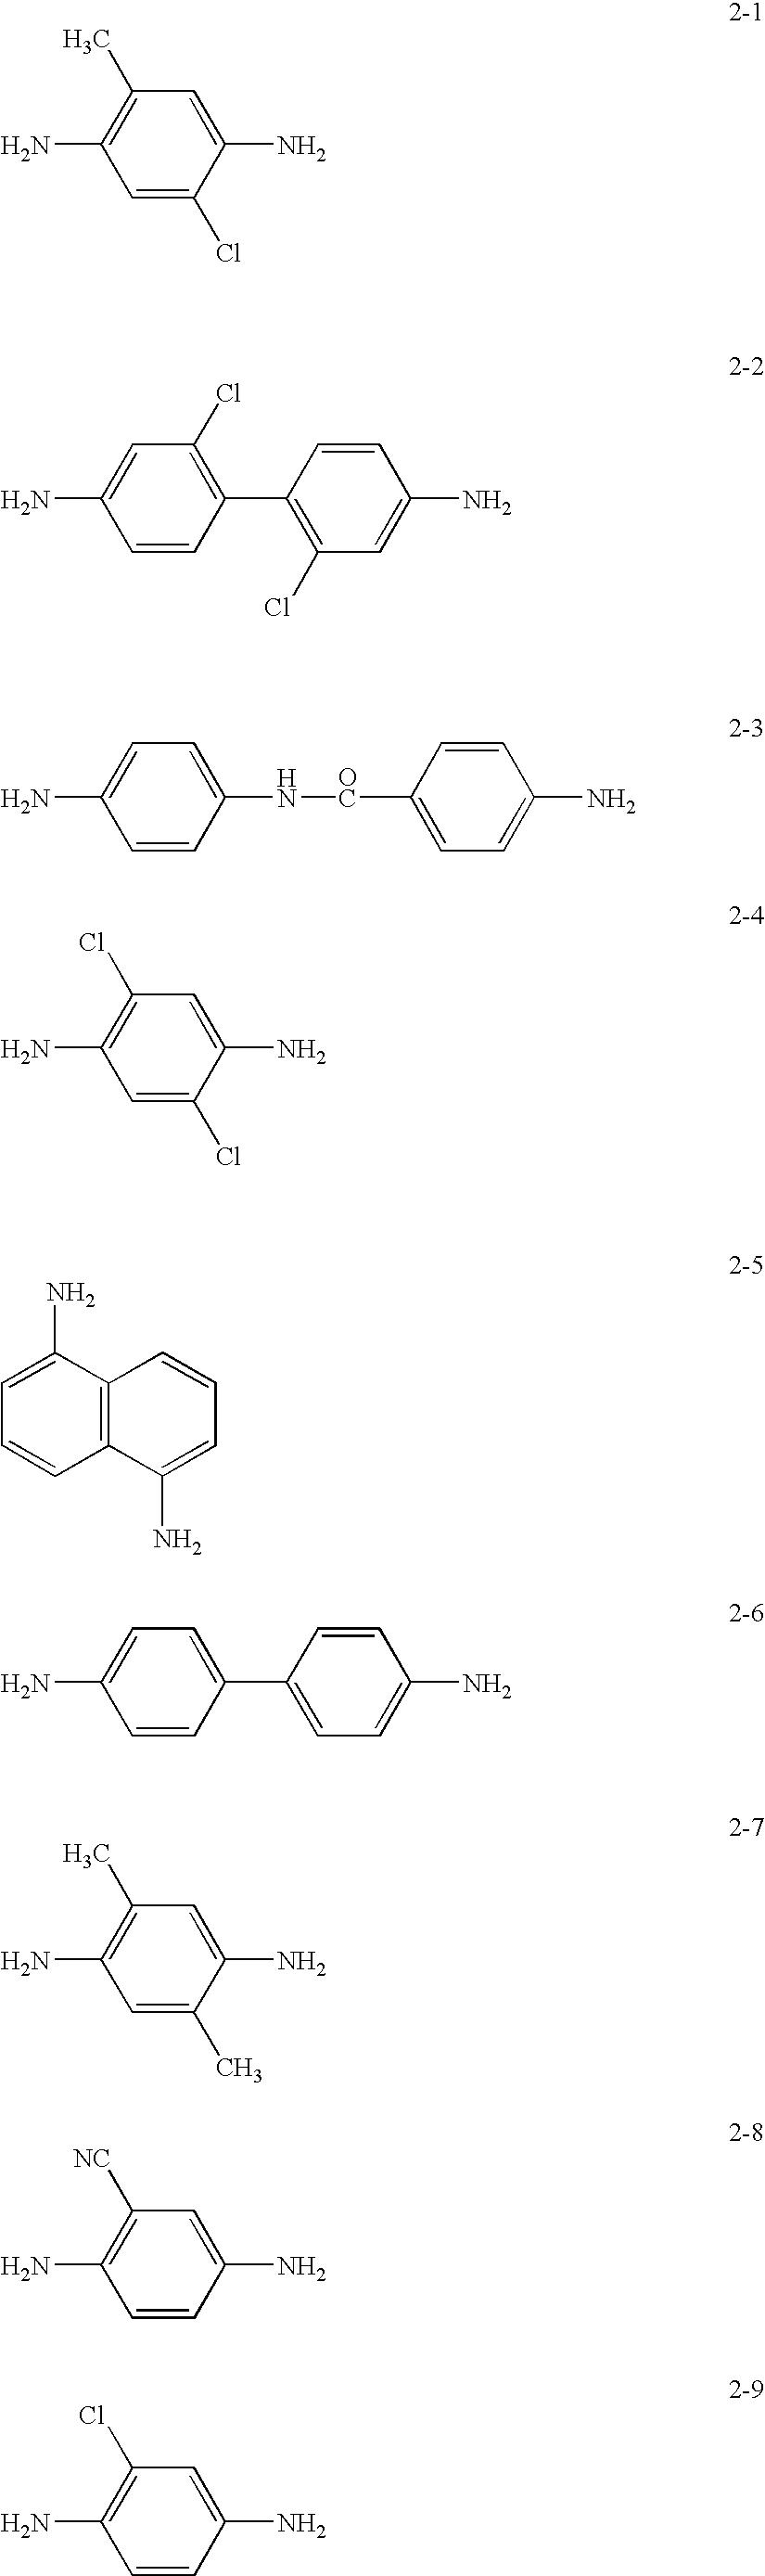 Figure US07427322-20080923-C00016